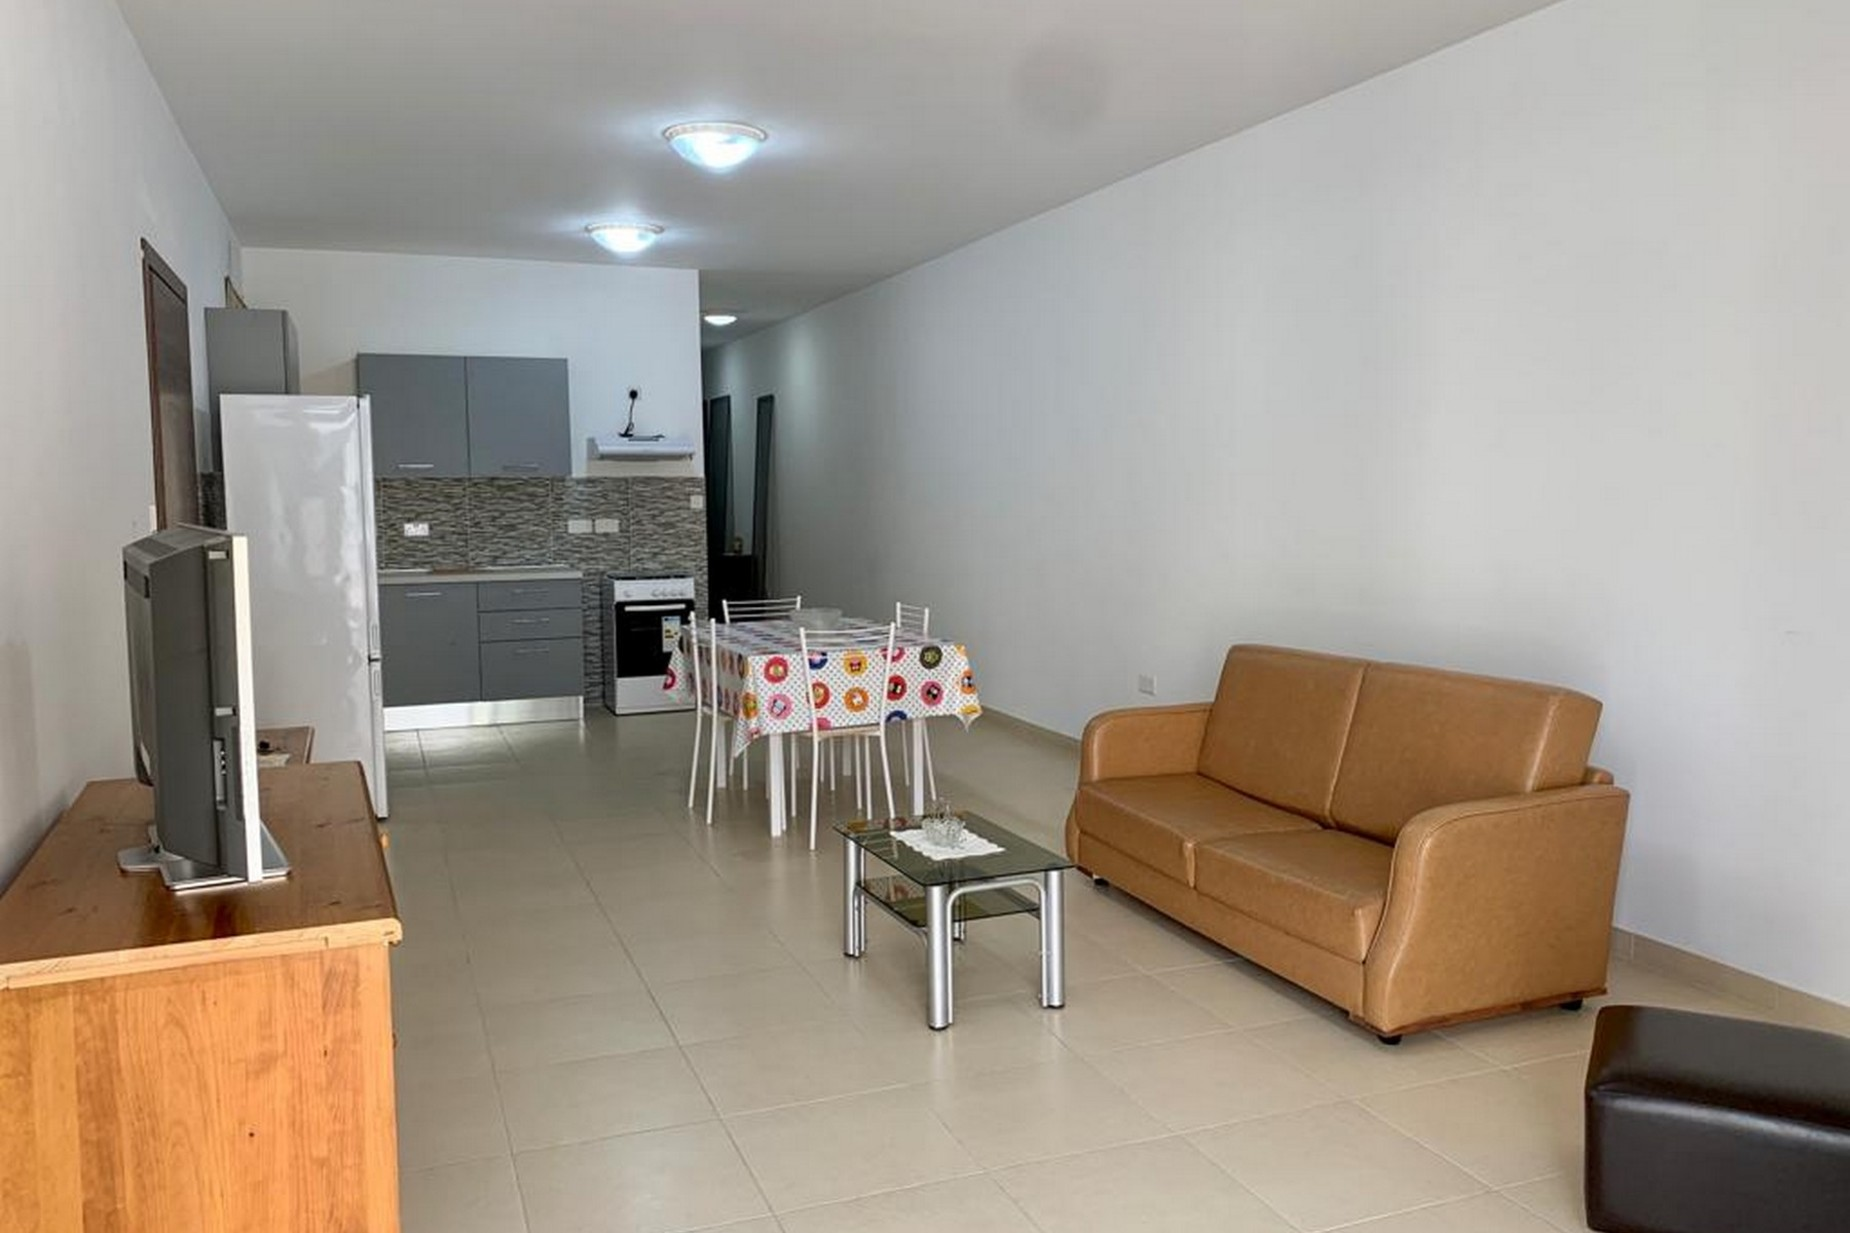 3 bed Apartment For Rent in Qormi, Qormi - thumb 5